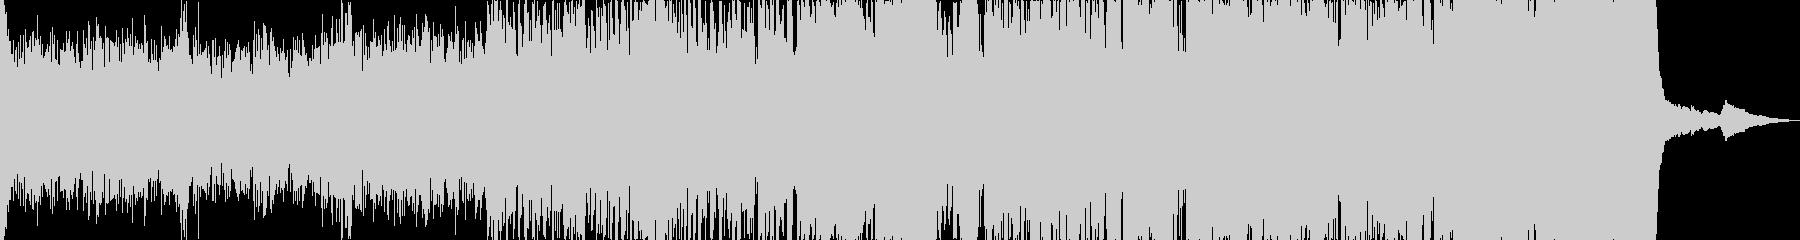 ジングルベルのオーケストラアレンジ版ですの未再生の波形